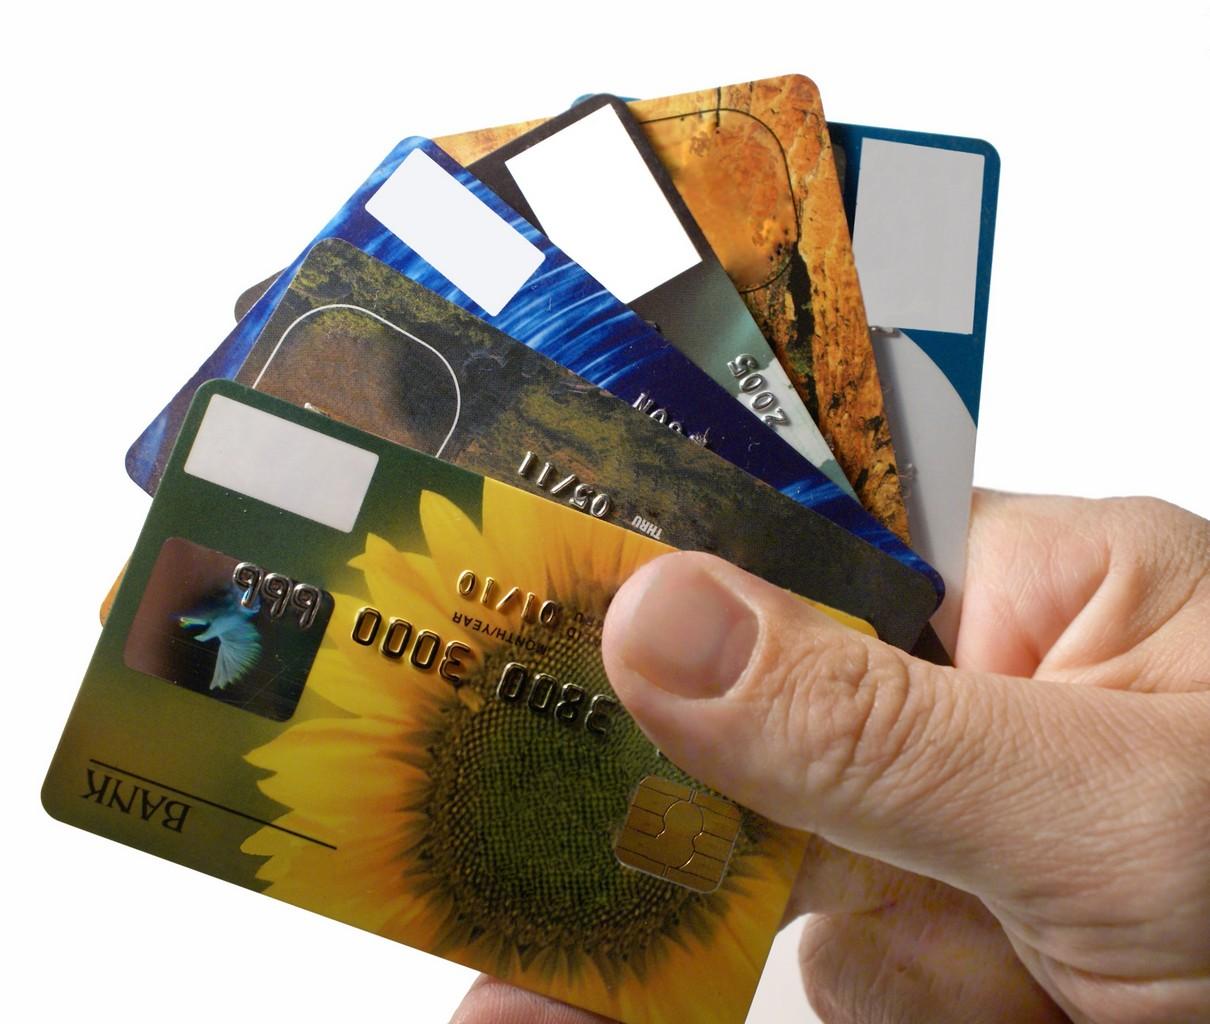 Meilleure banque en ligne : besoin de quelques infos ?